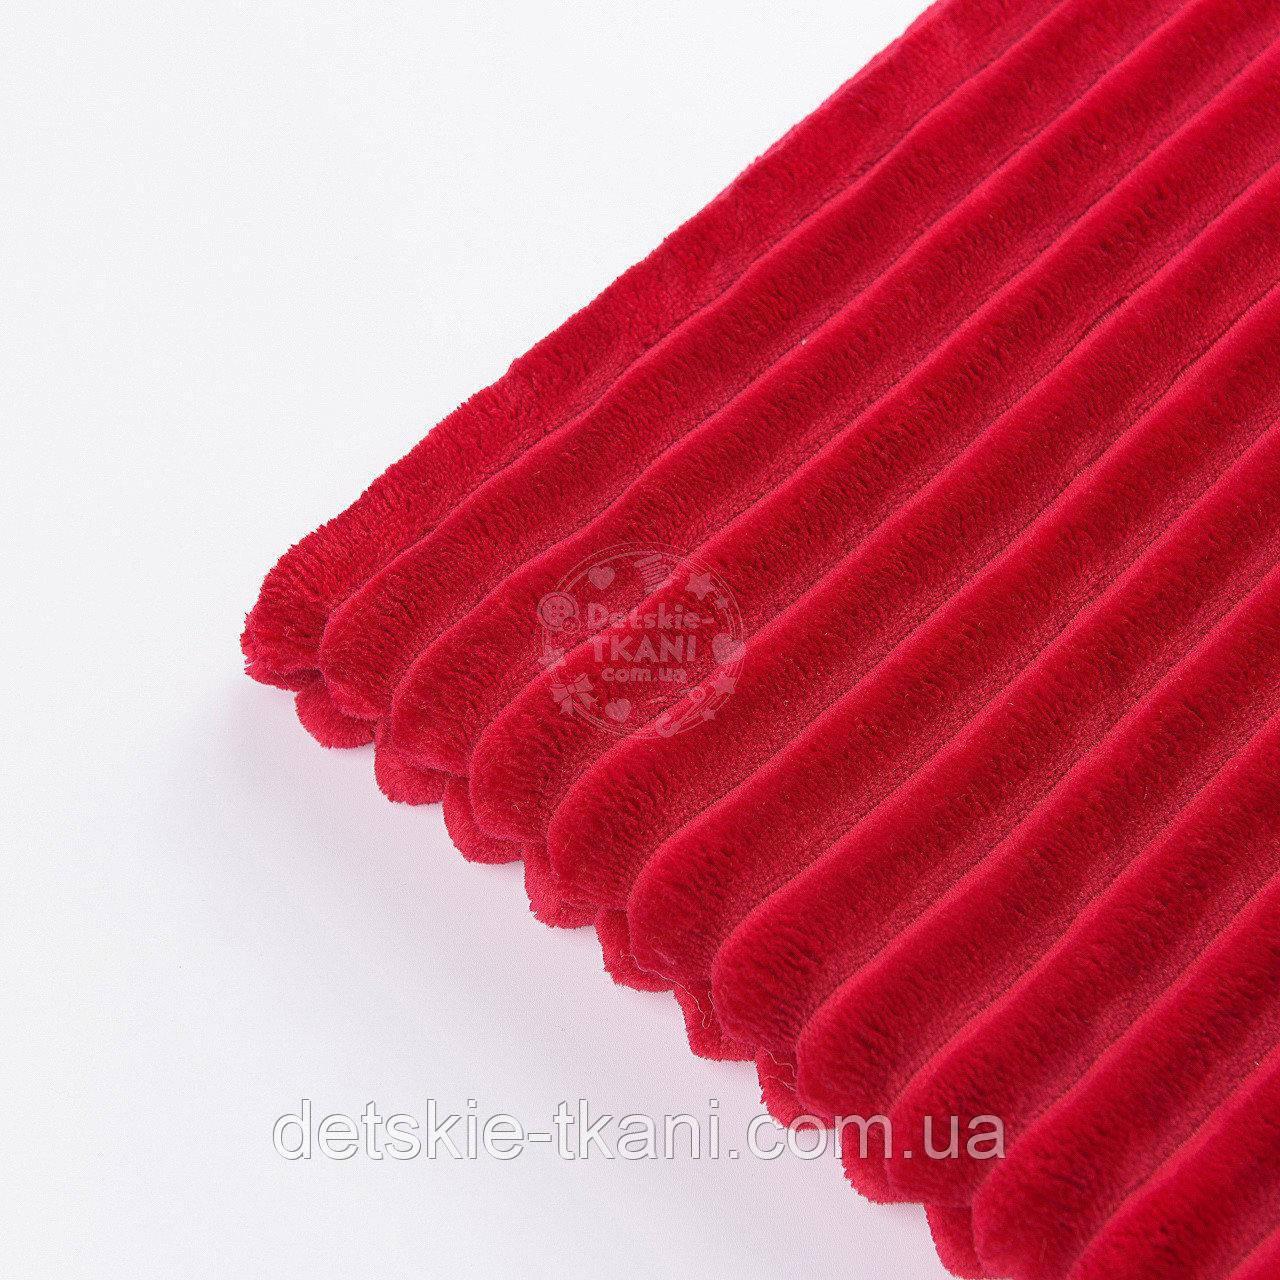 Лоскут  плюша в полоску Stripes вишневого цвета, размер 38*110 см